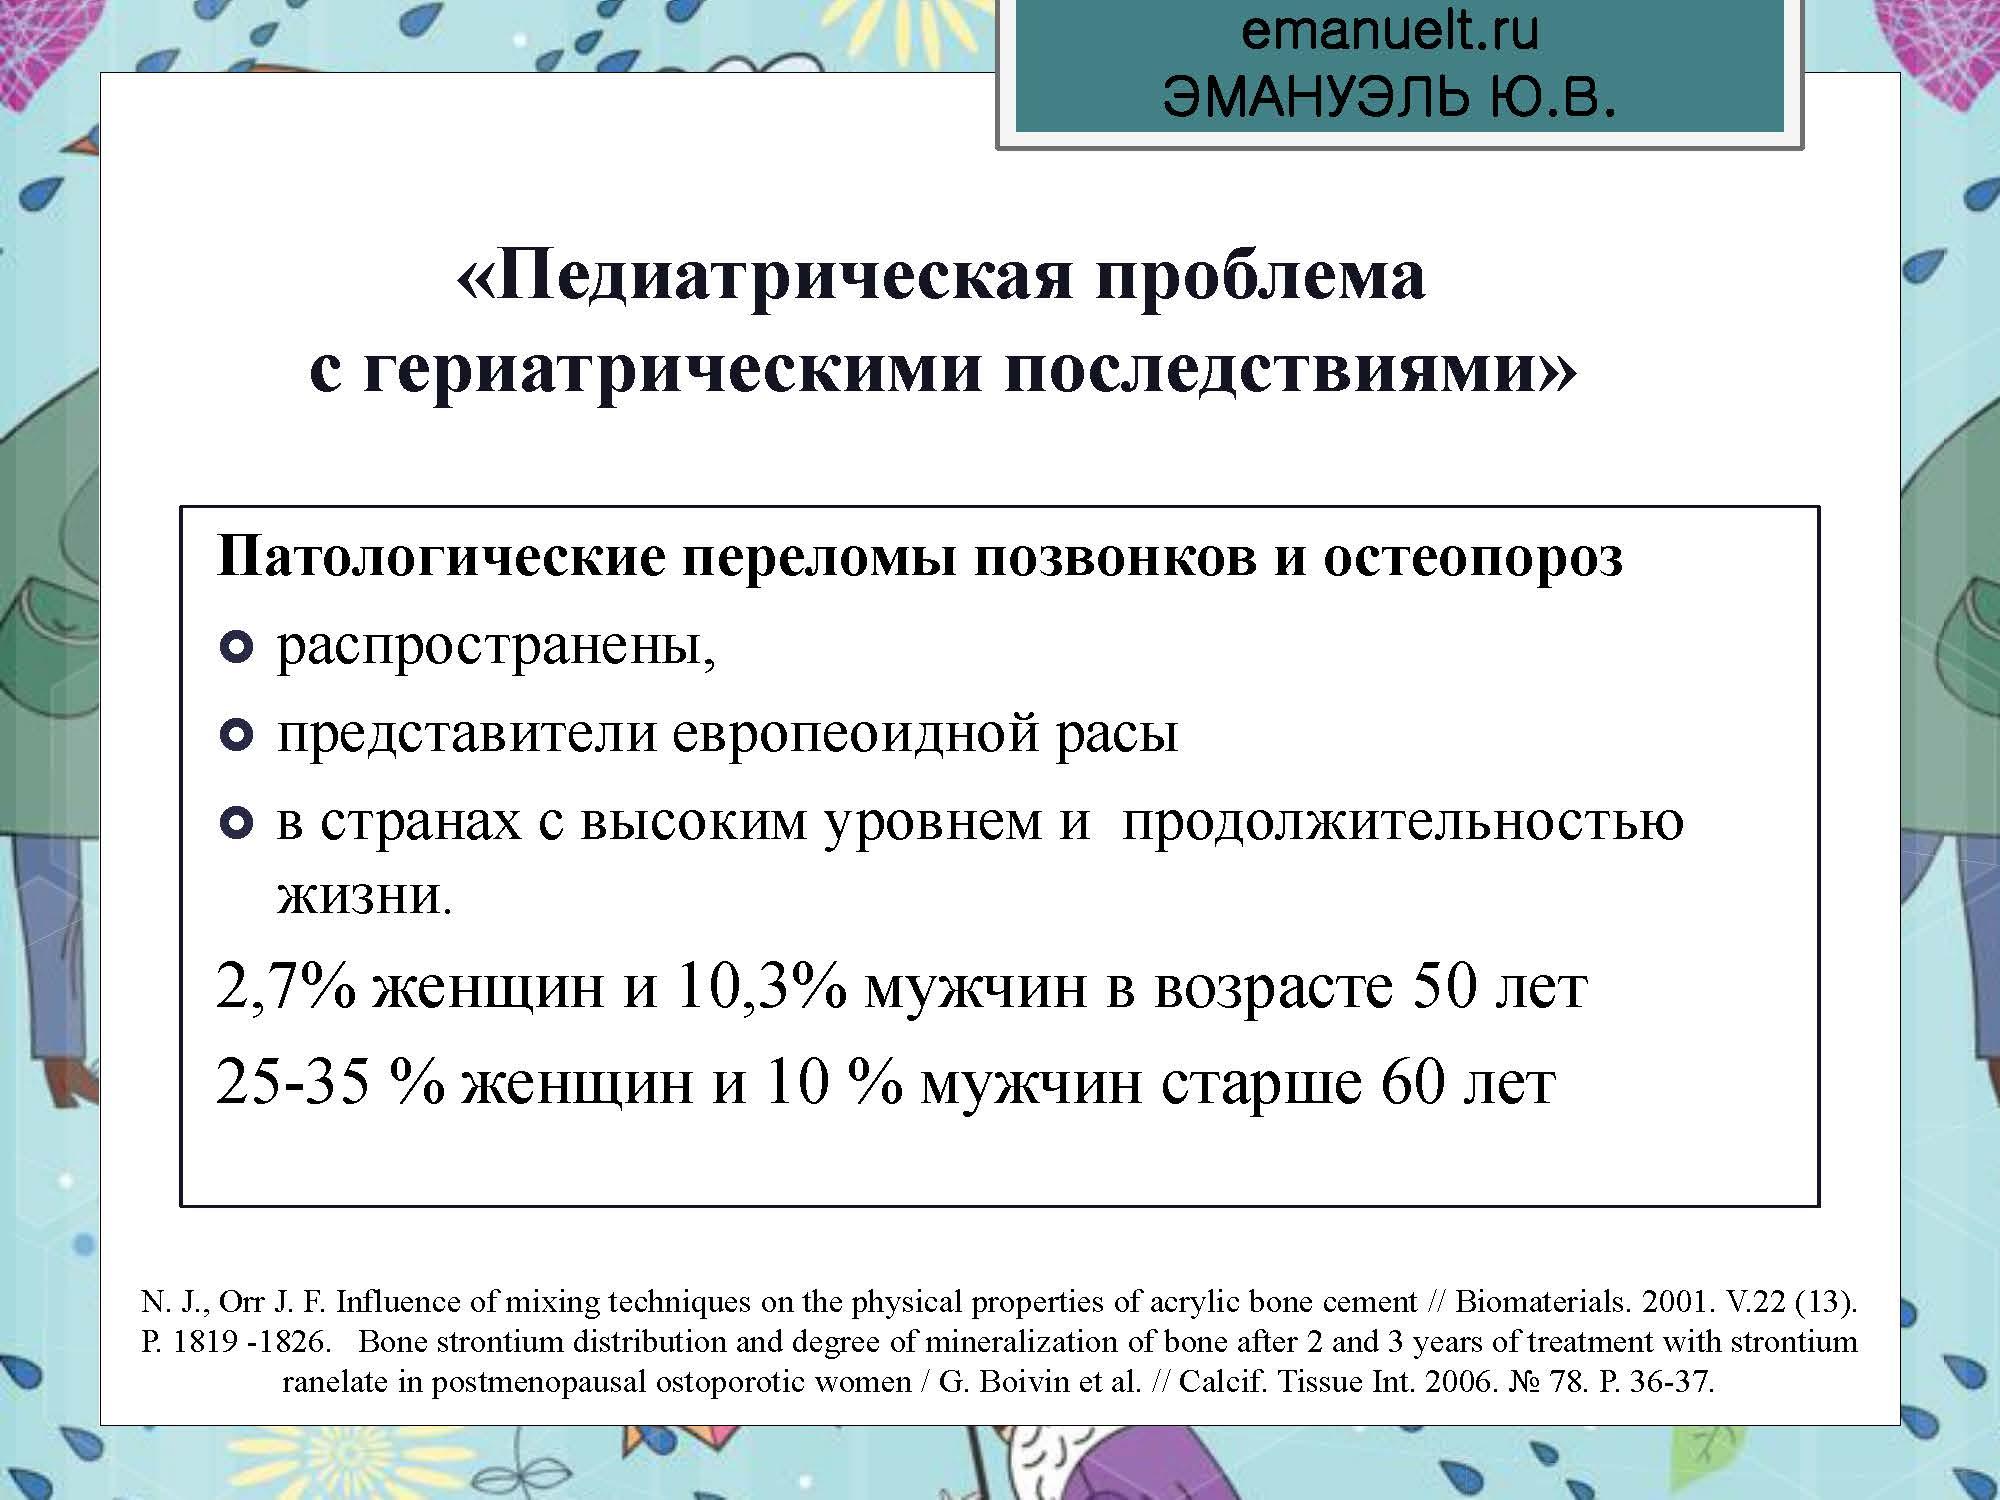 Секция 8. ЭЮВ. СПбГМУ.  26.03_Страница_26